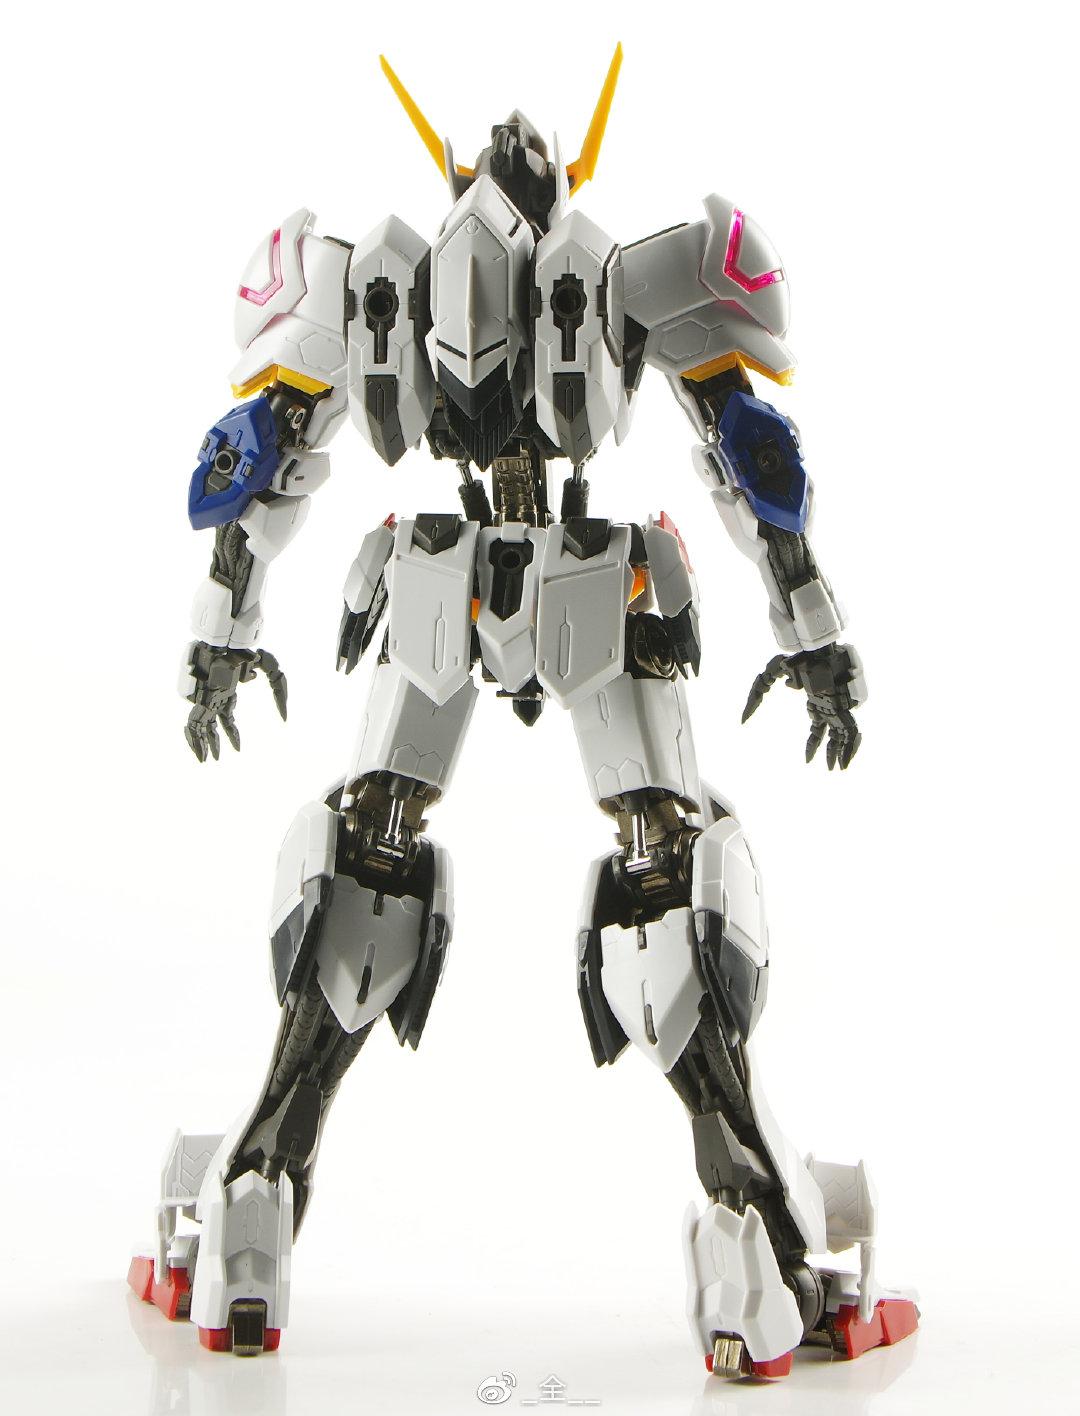 M103_mg_barbatos_metal_frame_parts_set_009_048.jpg